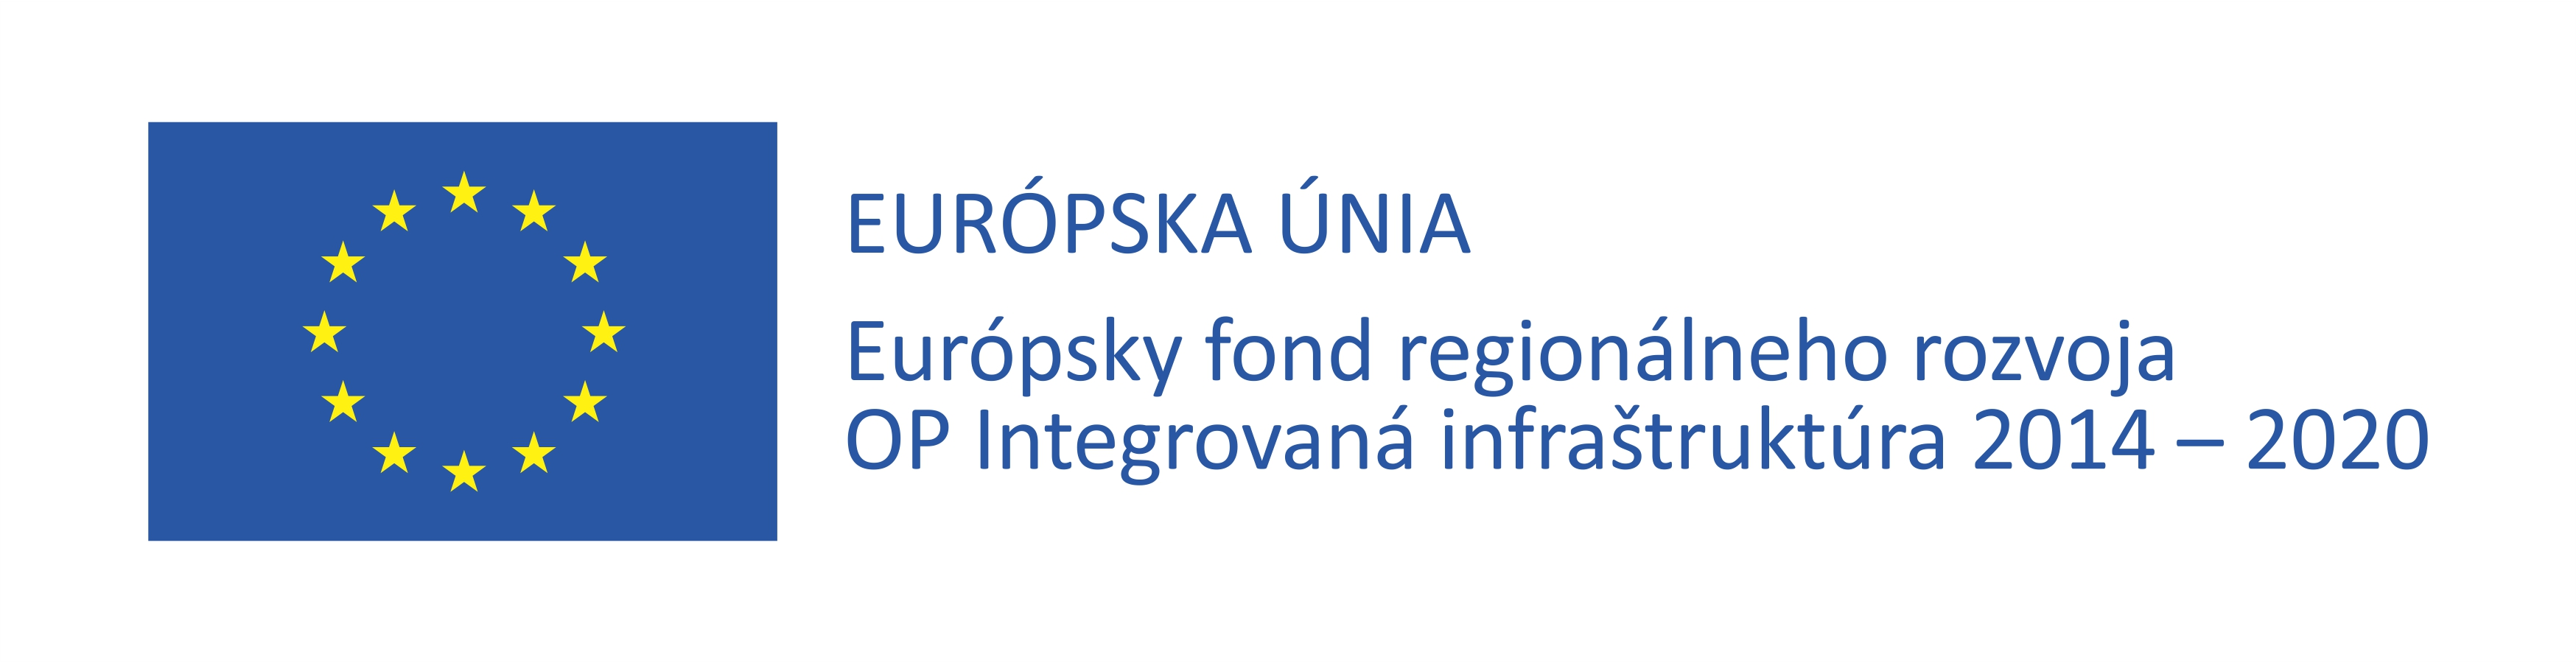 Operačný program Integrovaná infraštruktúra 2014 – 2020